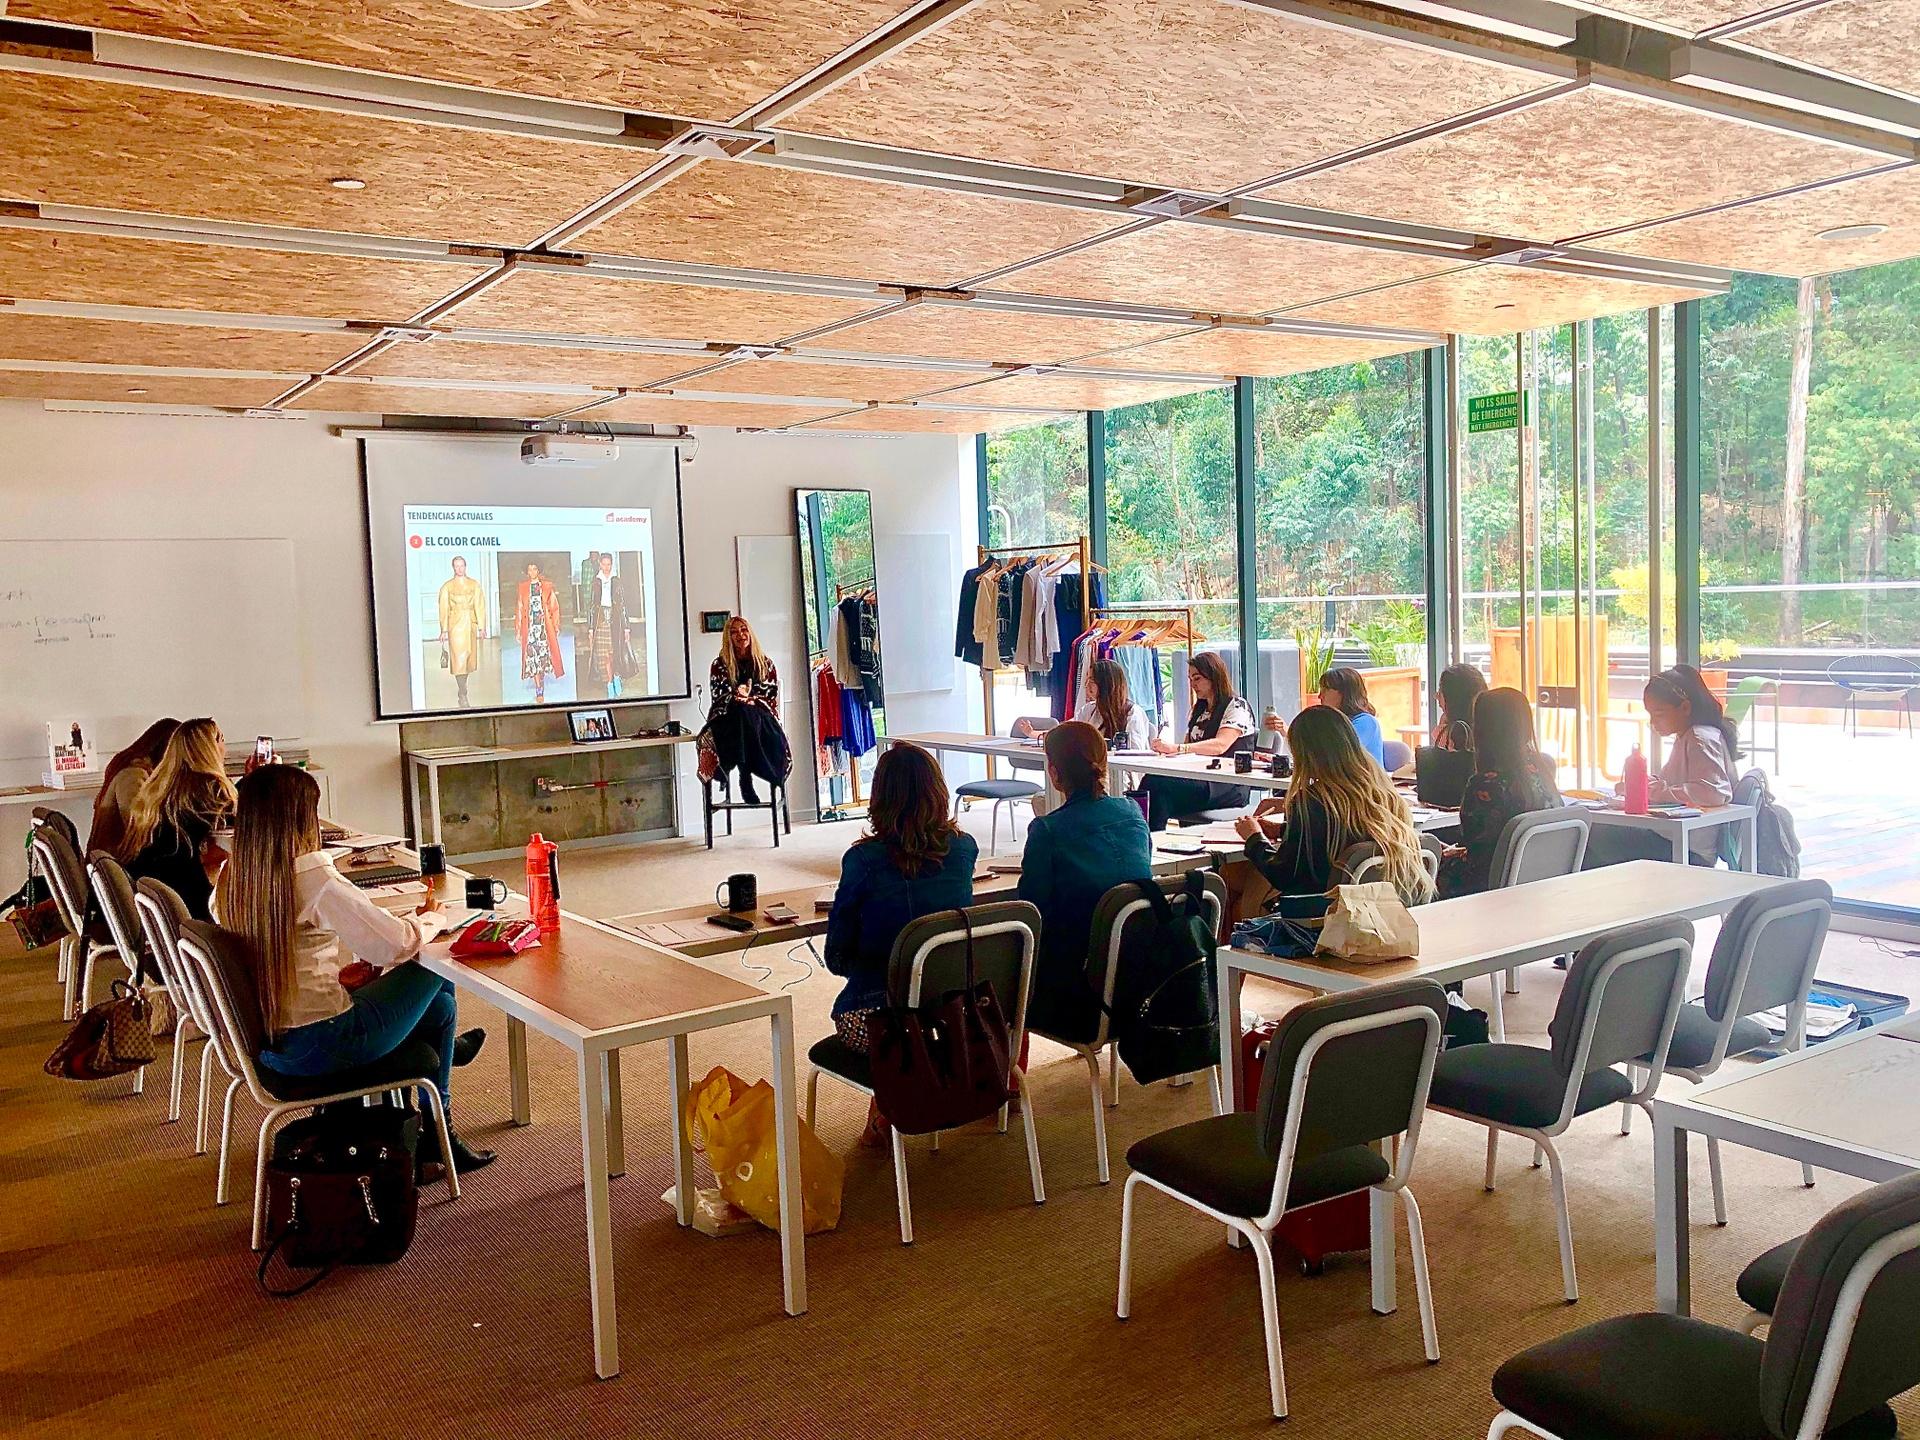 Curso de Trendy Academy del Sistema Trendy en Medellín, Colombia